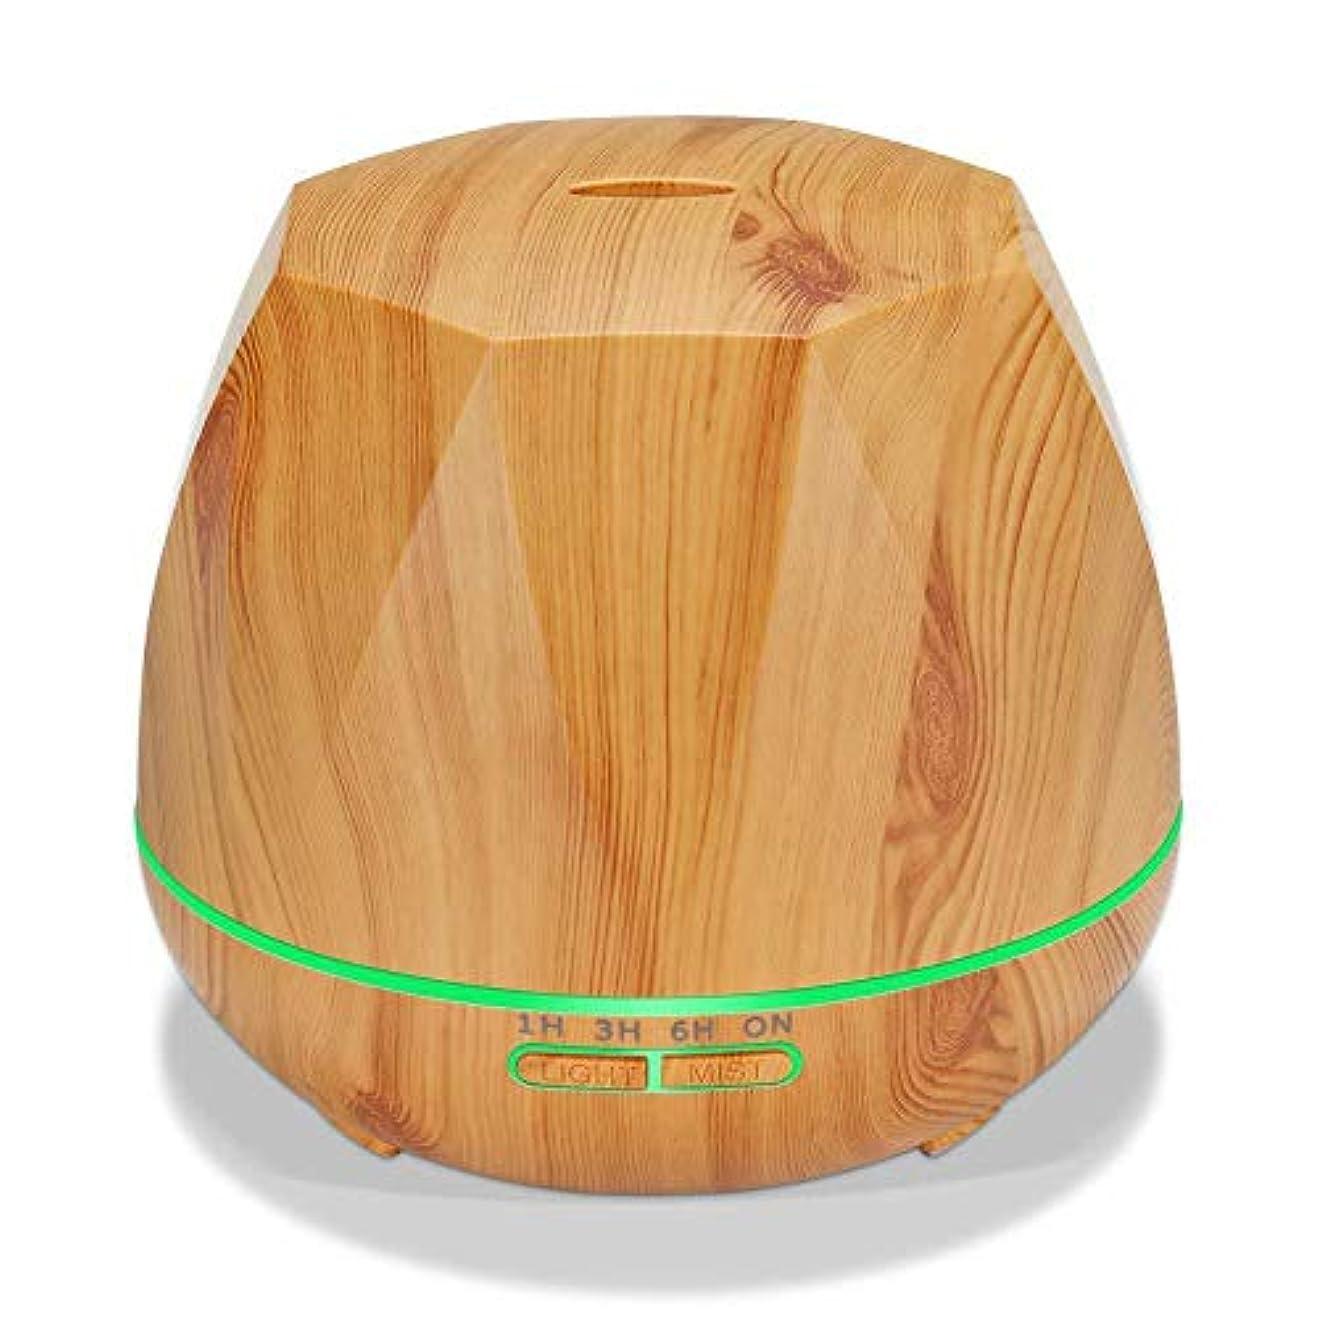 無限協同アストロラーベ木目 涼しい霧 加湿器,7 色 空気を浄化 加湿機 時間 デスクトップ 精油 ディフューザー アロマネブライザー Yoga ベッド 寮- 300ml